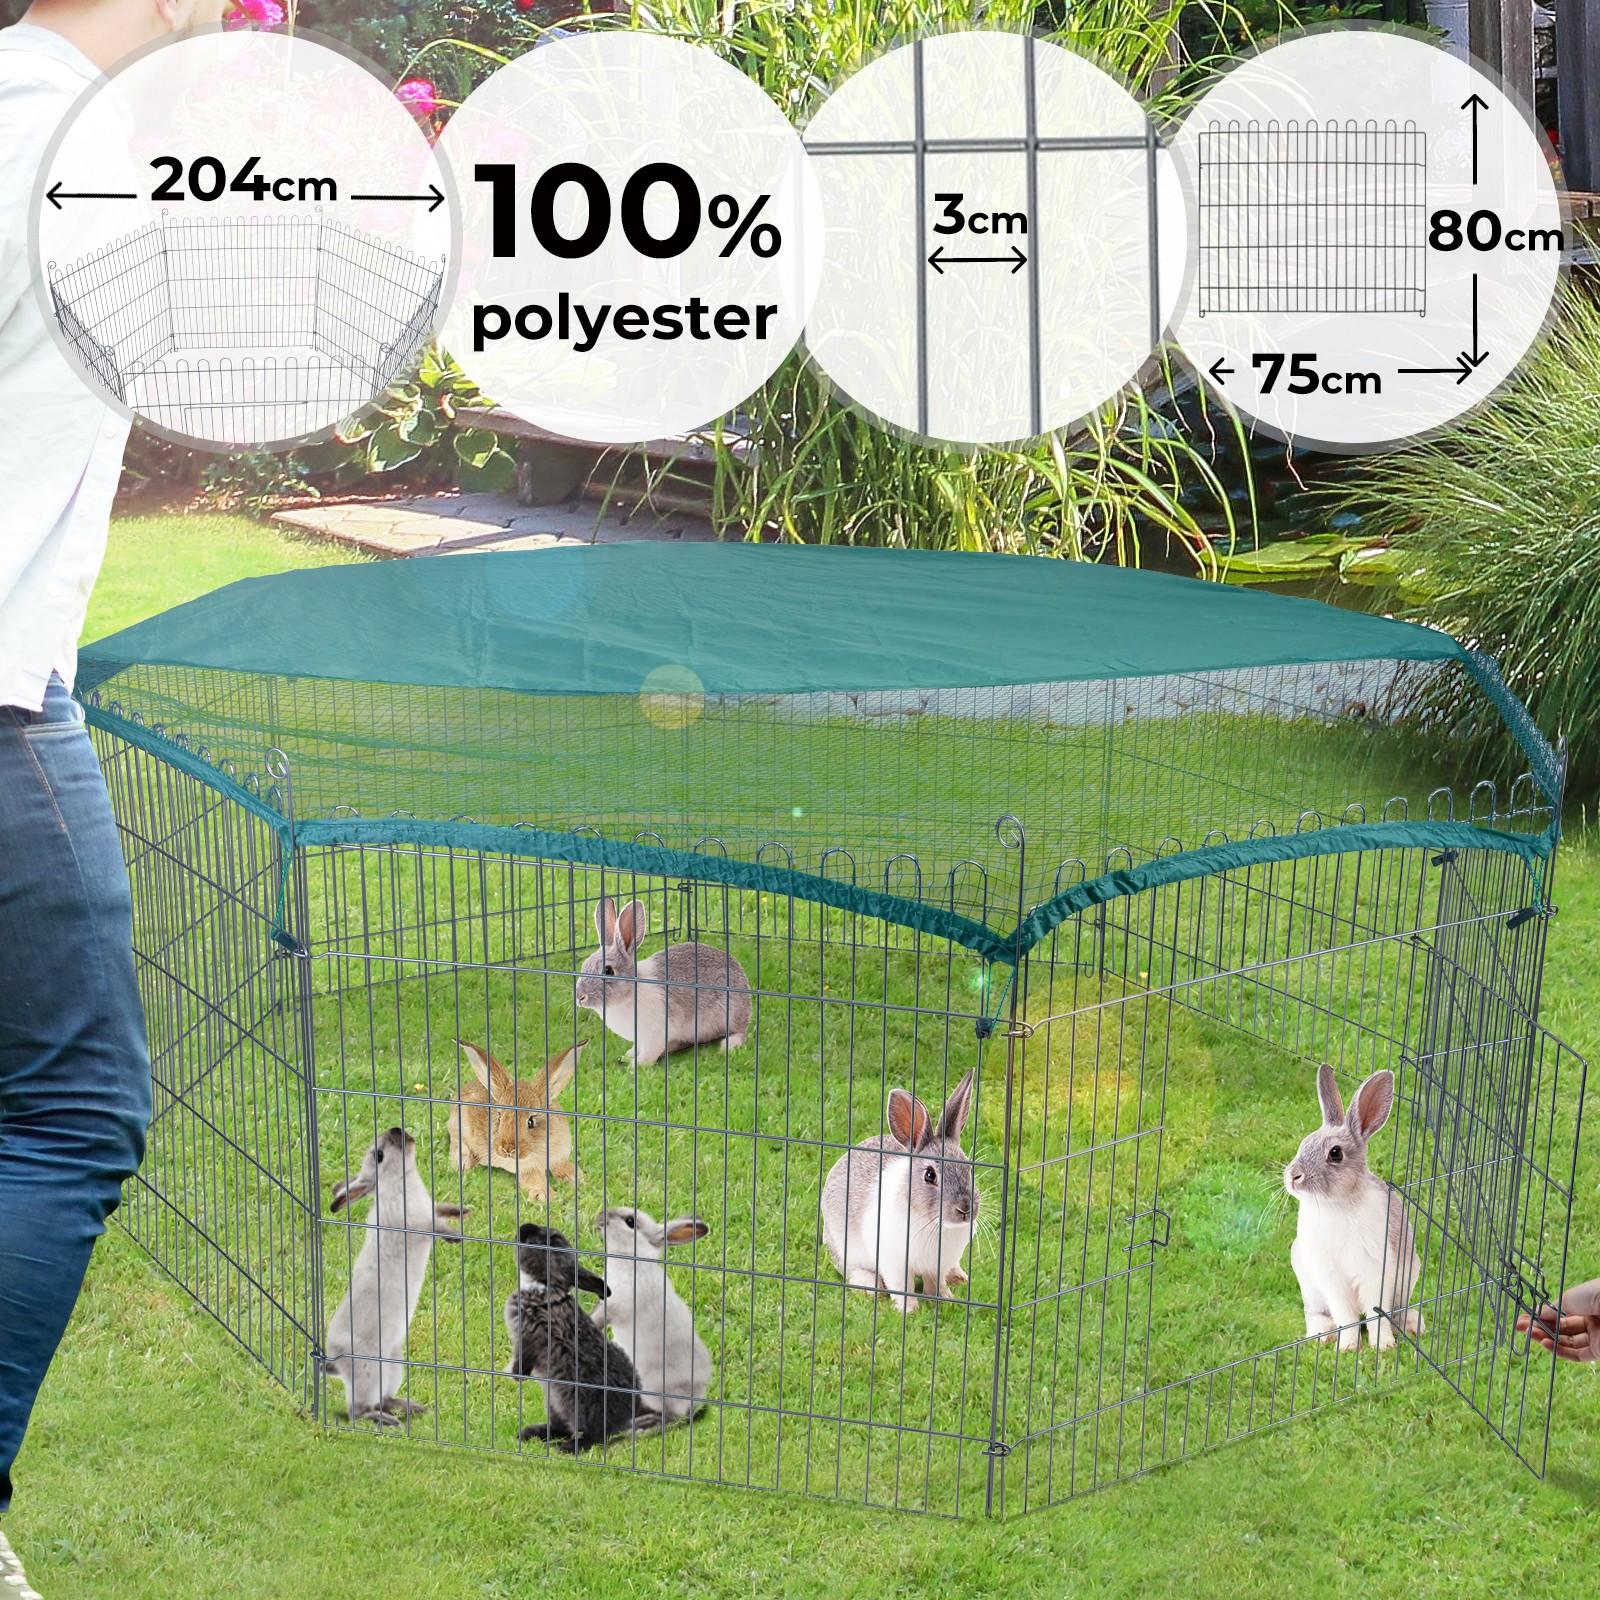 Animali Da Esterno dettagli su recinto per cani conigli animali domestici cuccioli da esterno  gabbia recinzione